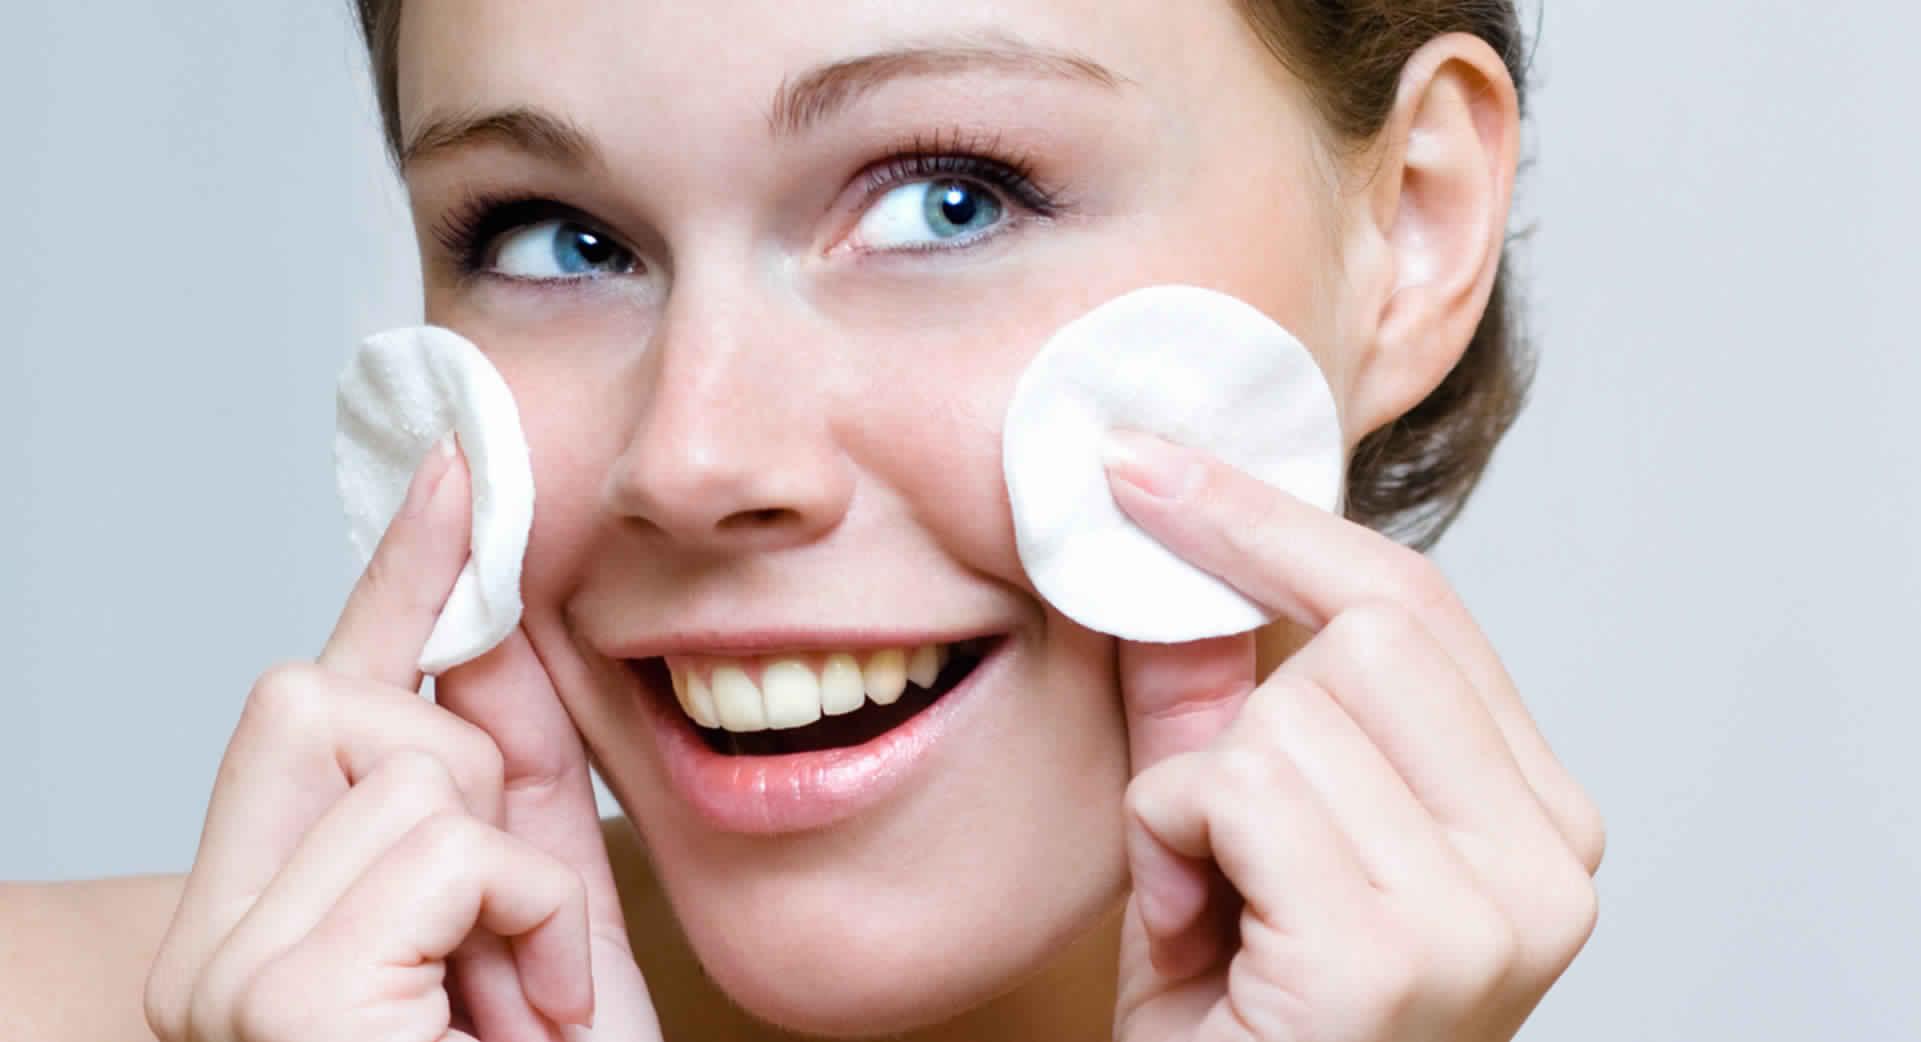 بالصور تنظيف الوجه , طرق لنظافه ونضاره الوجه 3875